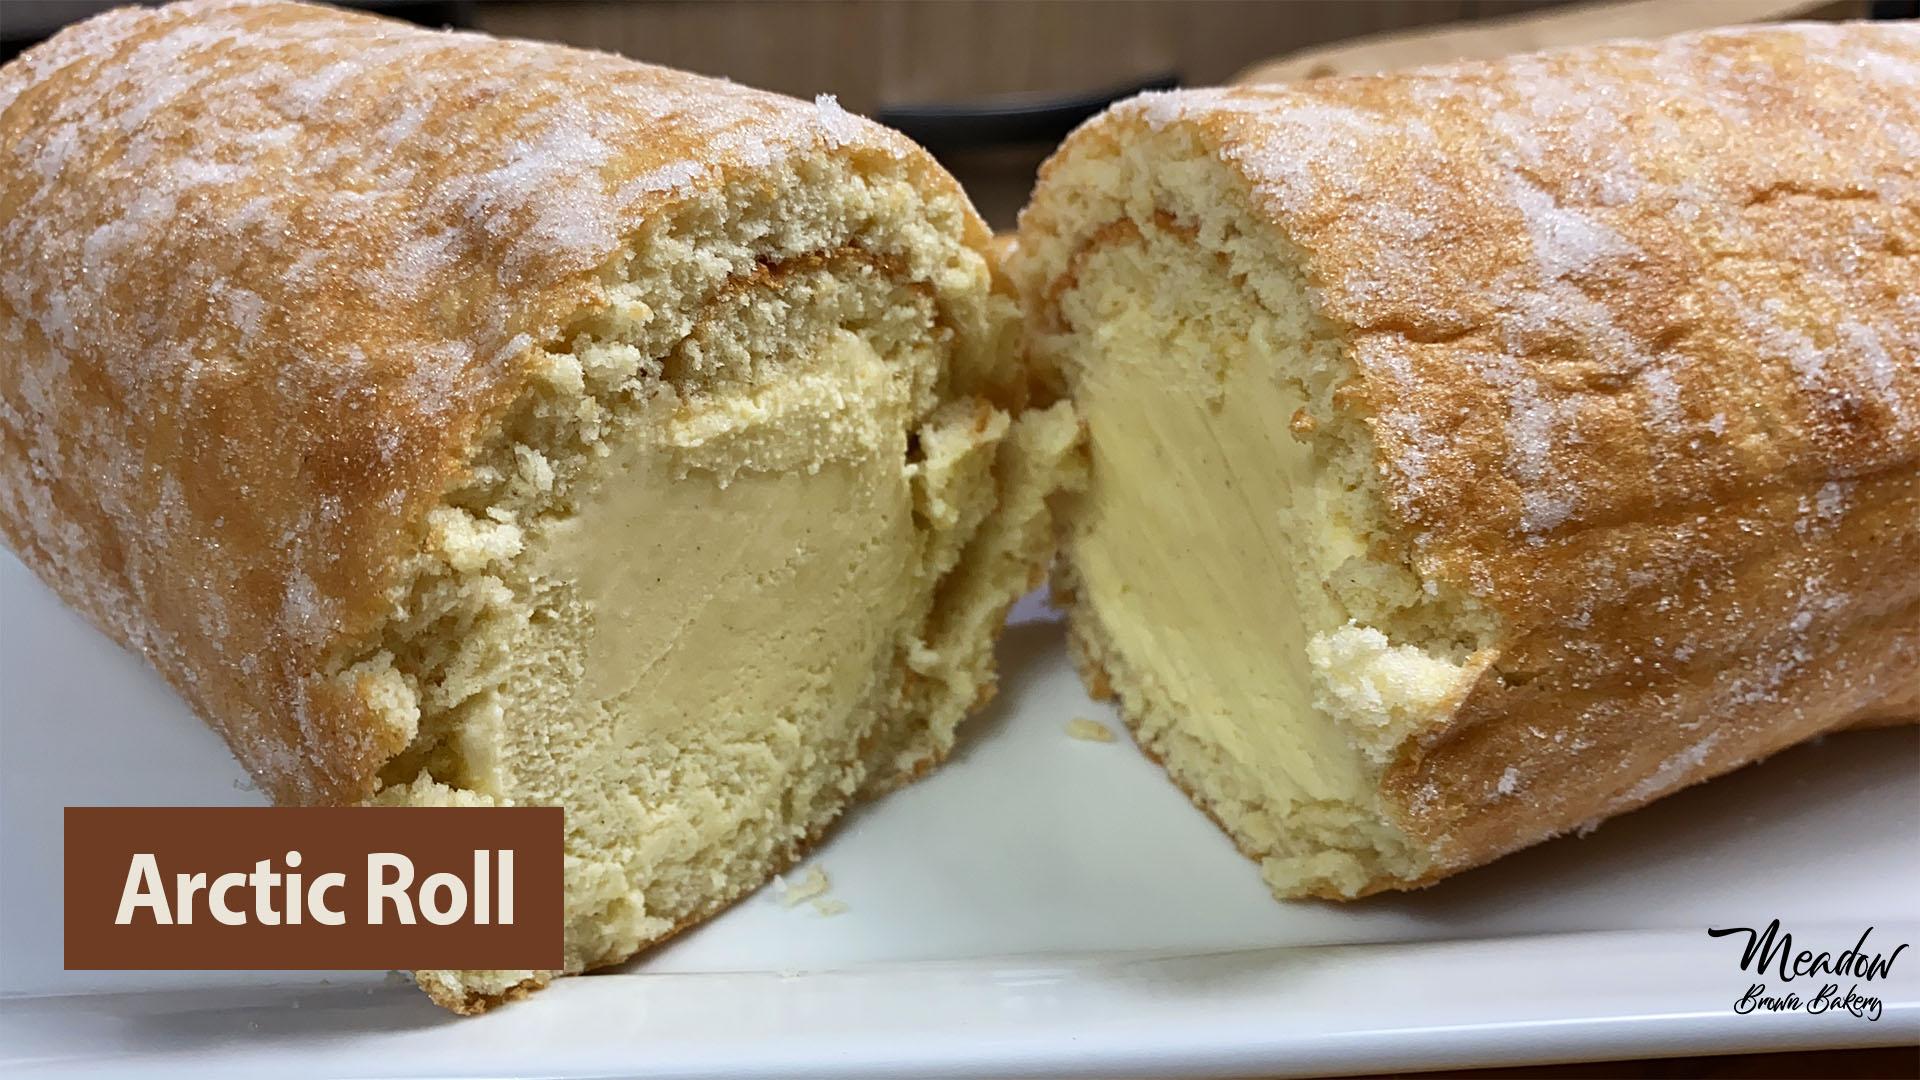 Arctic roll ice cream cake British Desserts